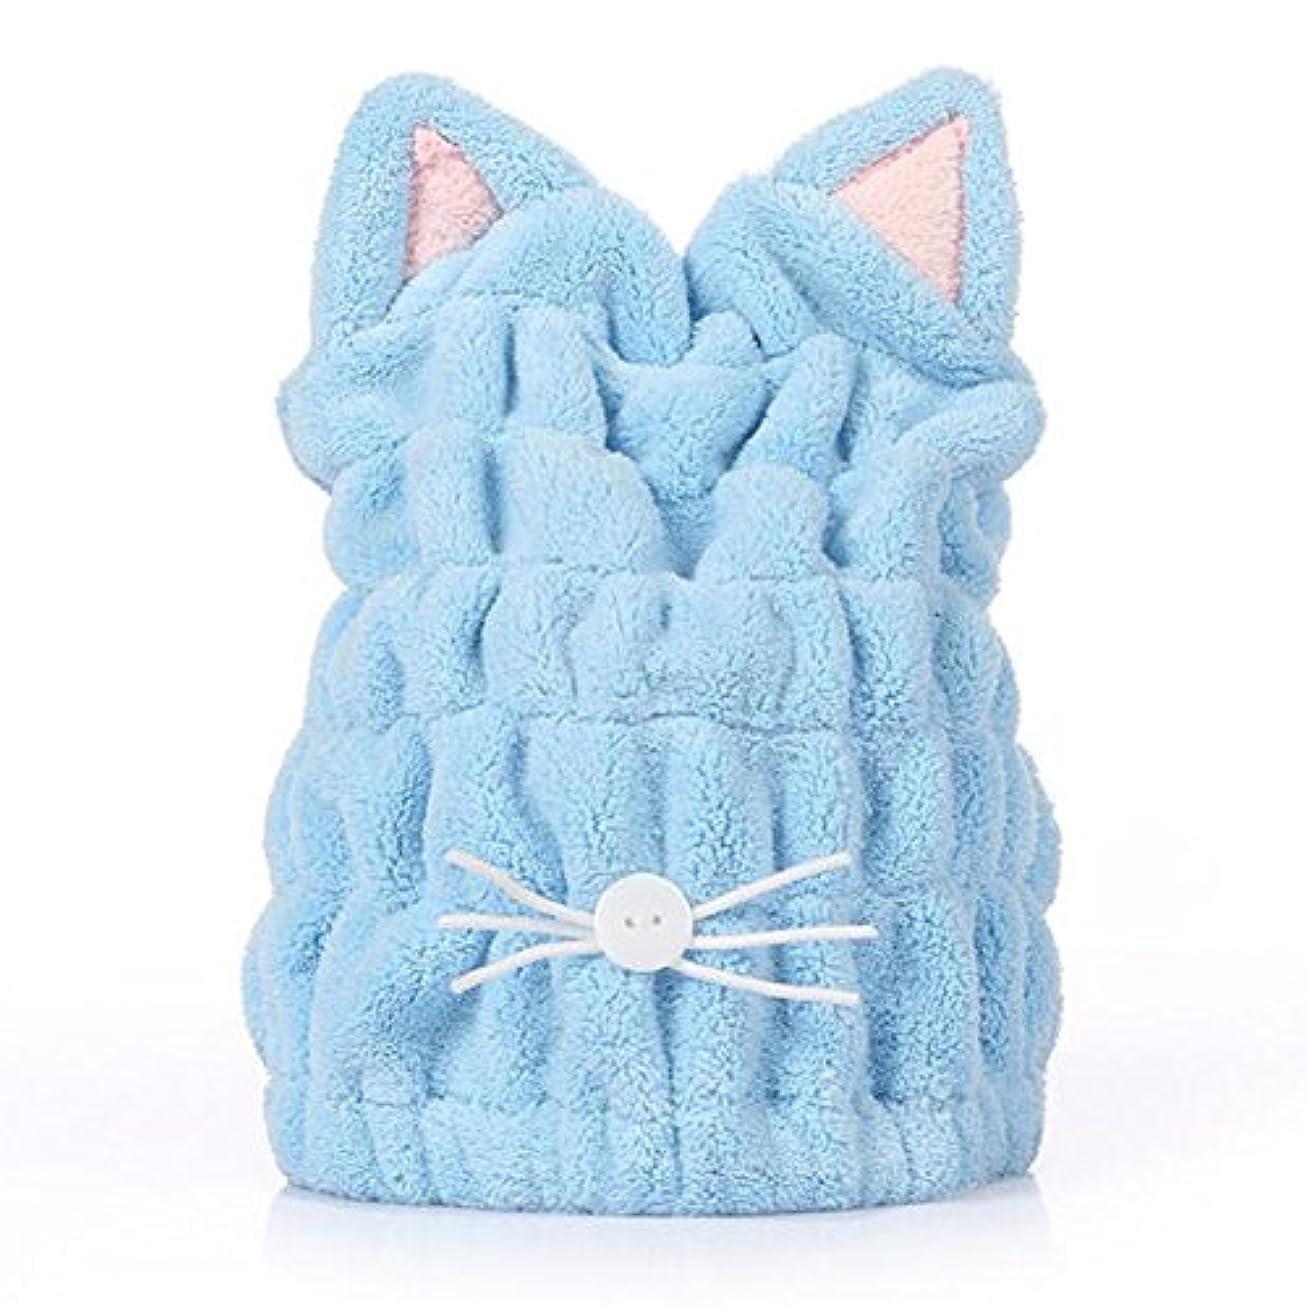 嘆く七時半いつタオルキャップ 猫耳 ヘアドライキャップ 吸水 乾燥用 お風呂用 マイクロファイバー 可愛い (ブルー)